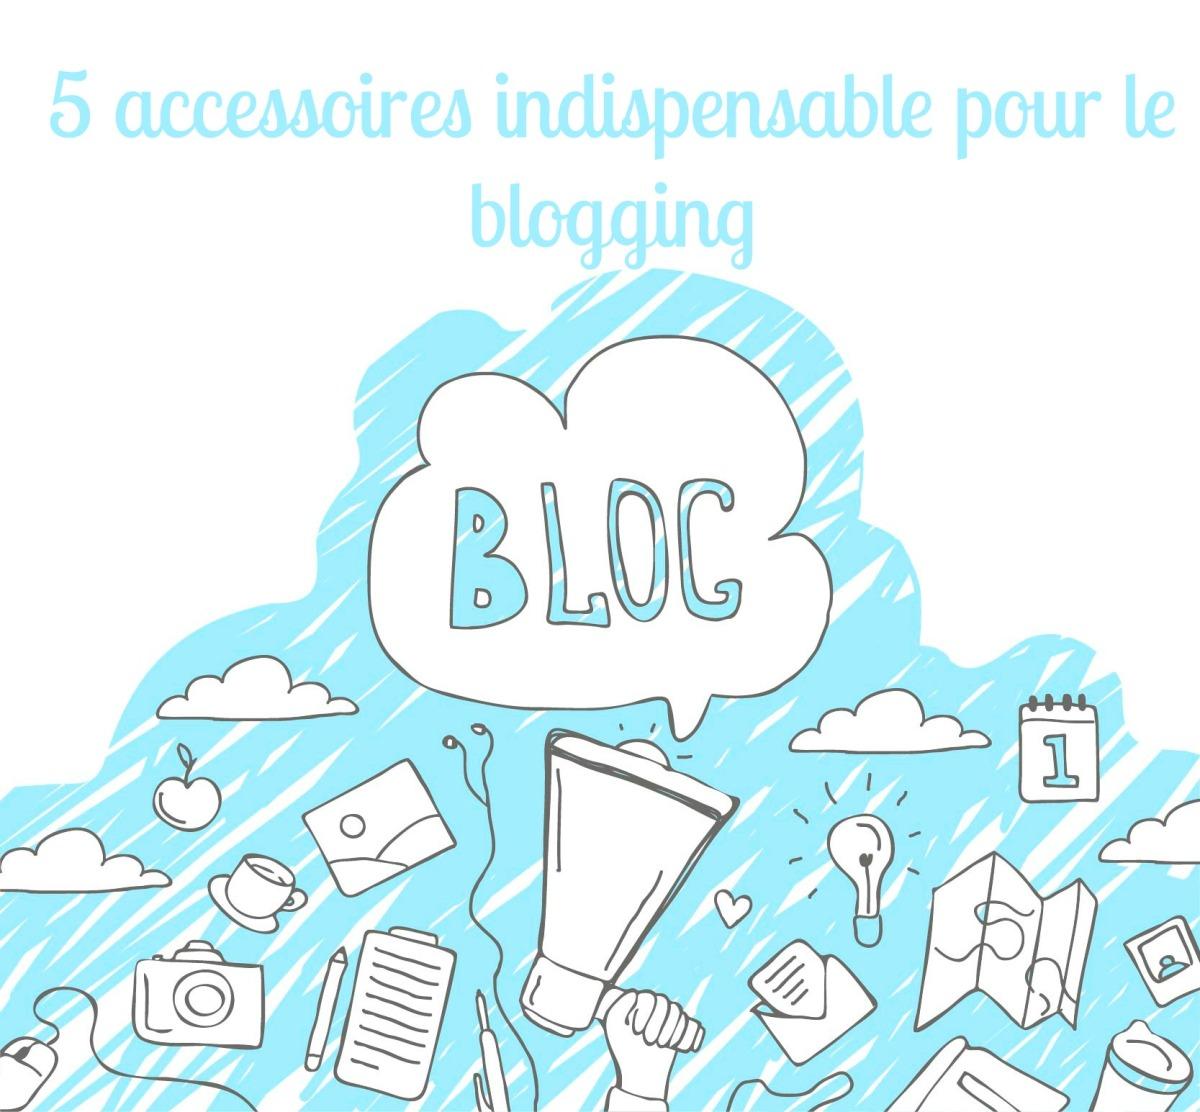 5 accessoires indispensable pour le blogging